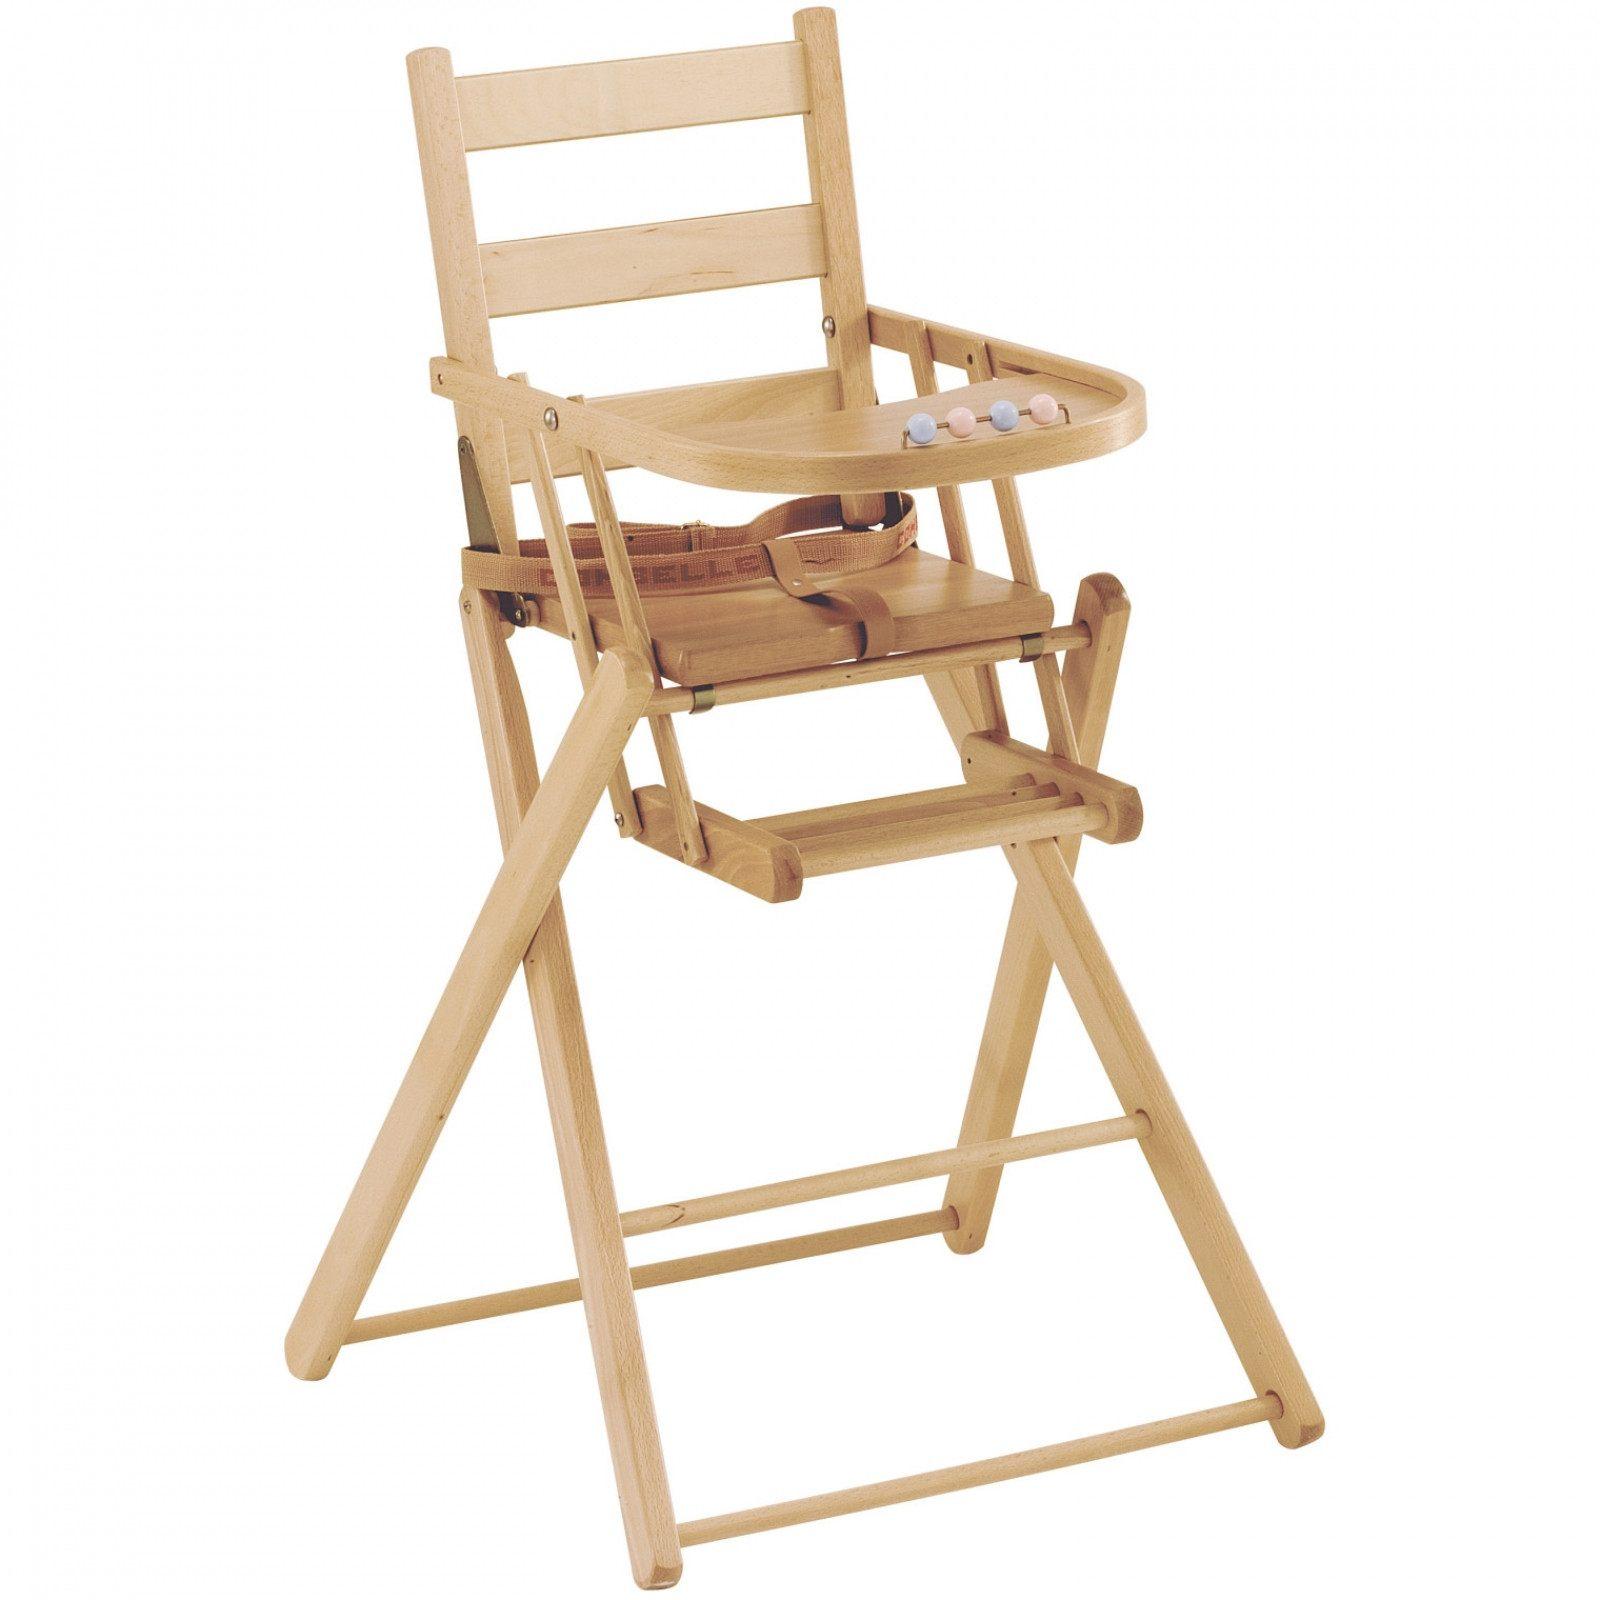 Lit Poupee En Bois Frais Décoratif Chaise Haute Poupon Dans Chaise Haute Poupee Bois Chaise